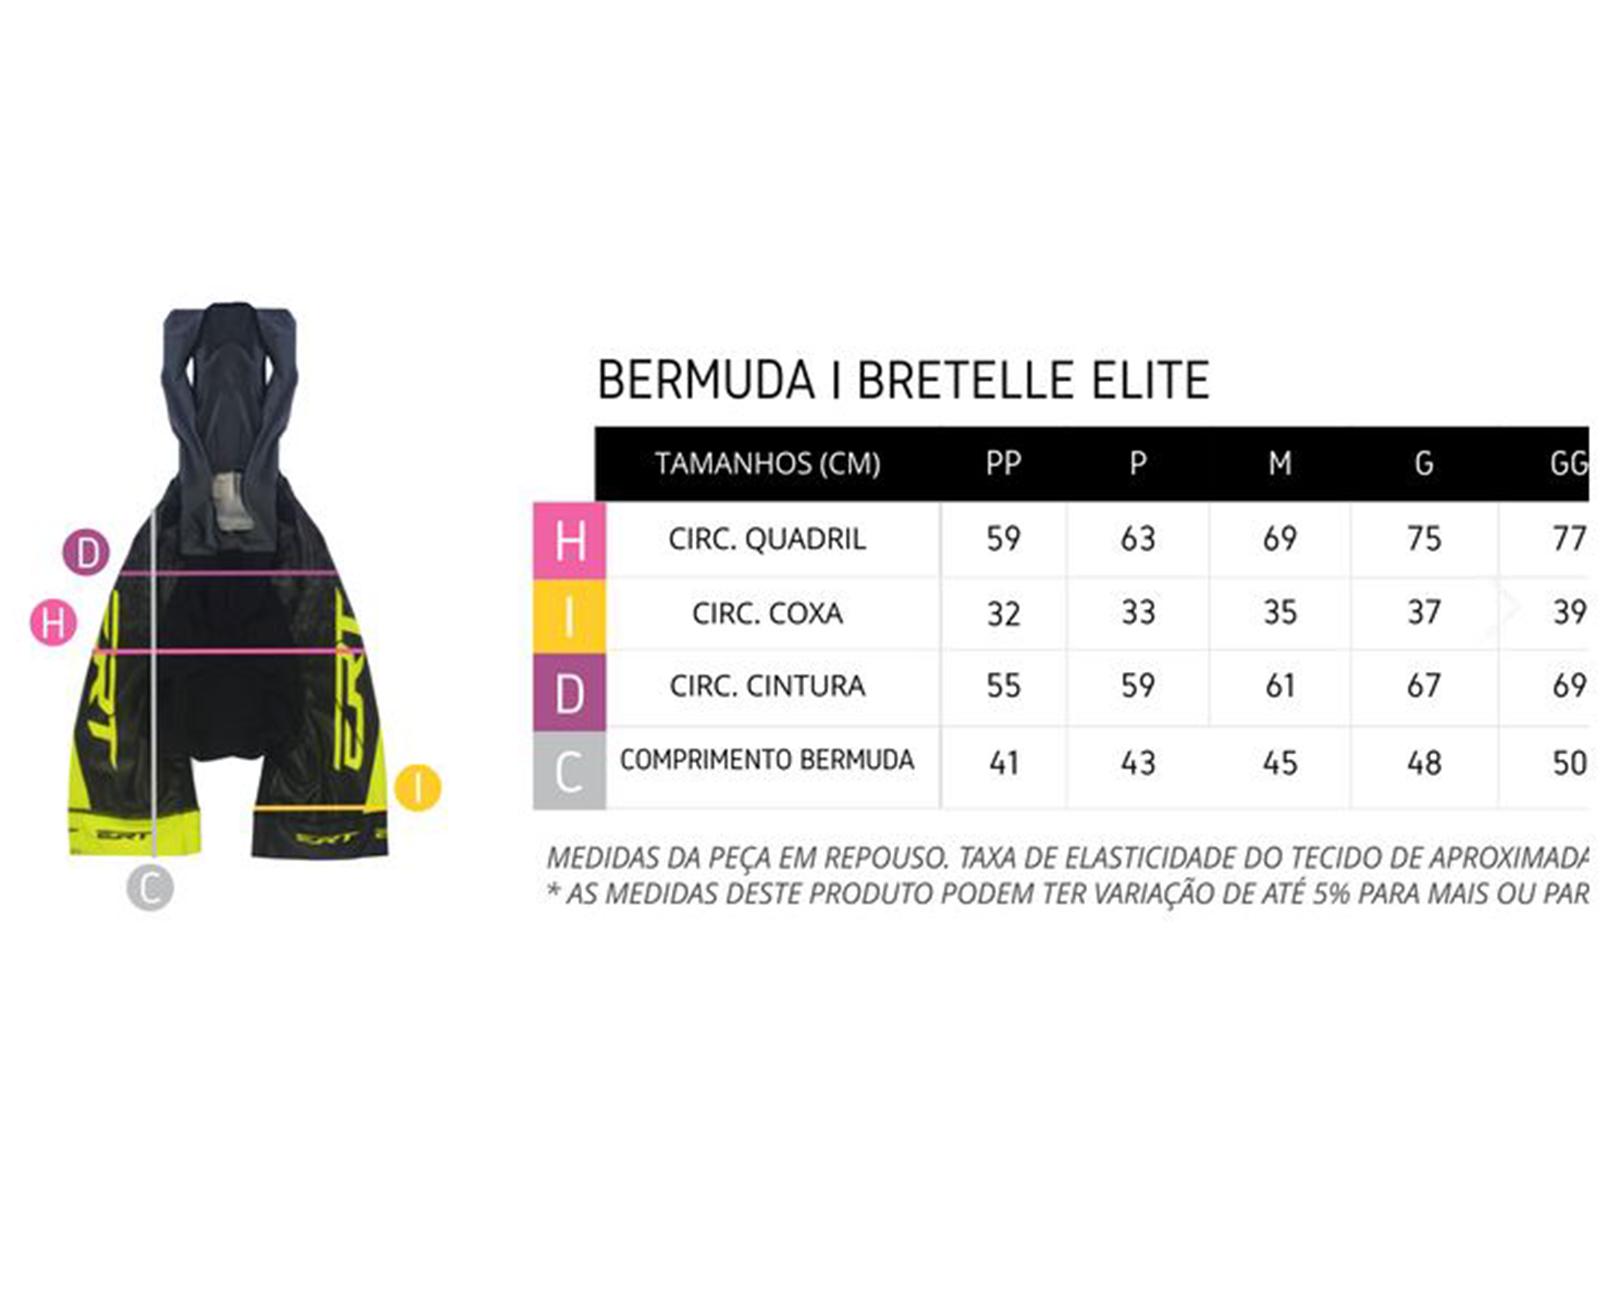 Bretelle Elite Team Forro Gel Preto/Amarelo - ERT